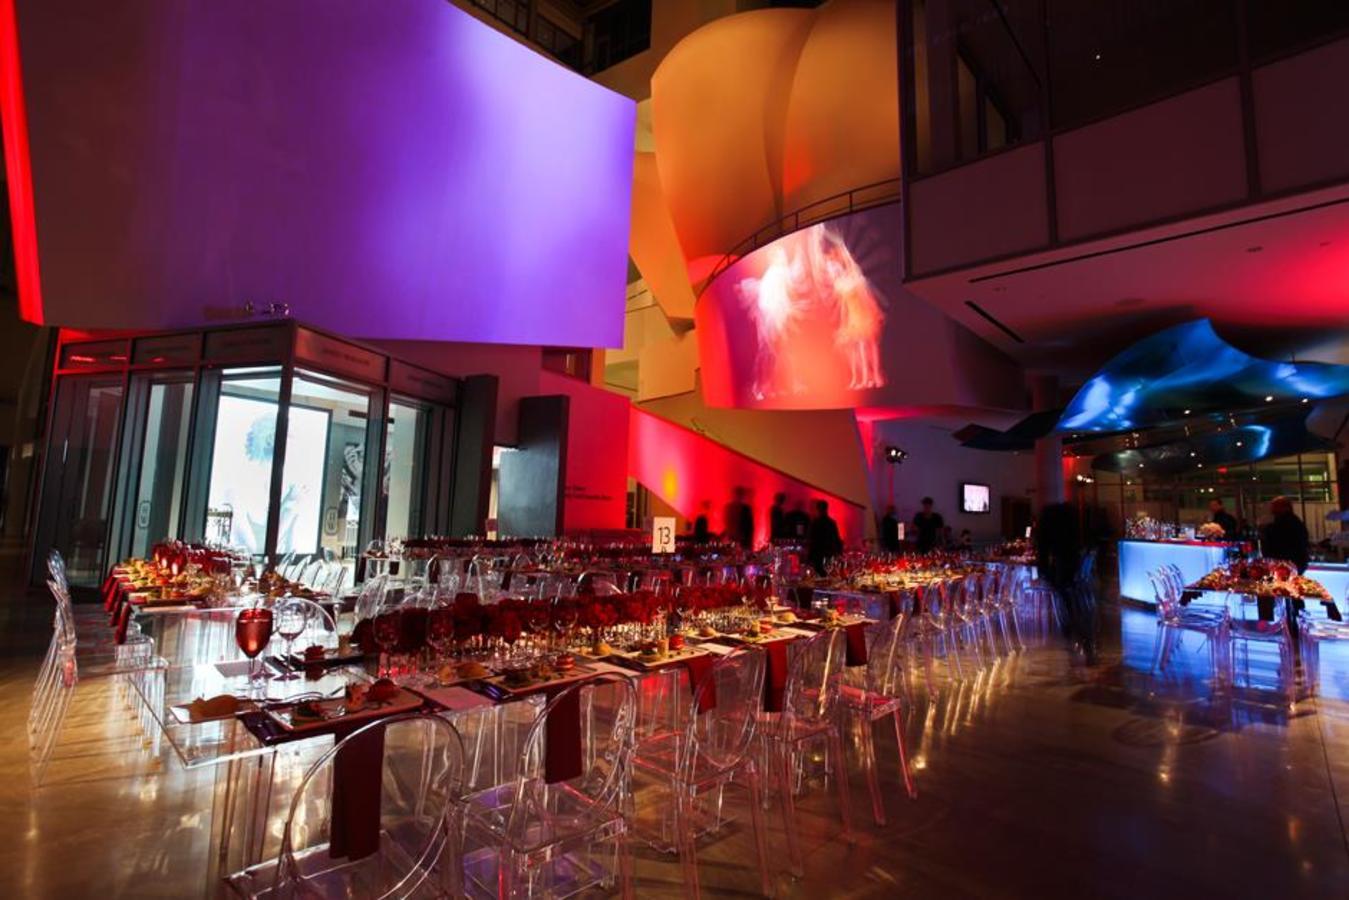 Überzogenes Abendessen in der Atrium-Lobby mit Video-Mapping-Projektion